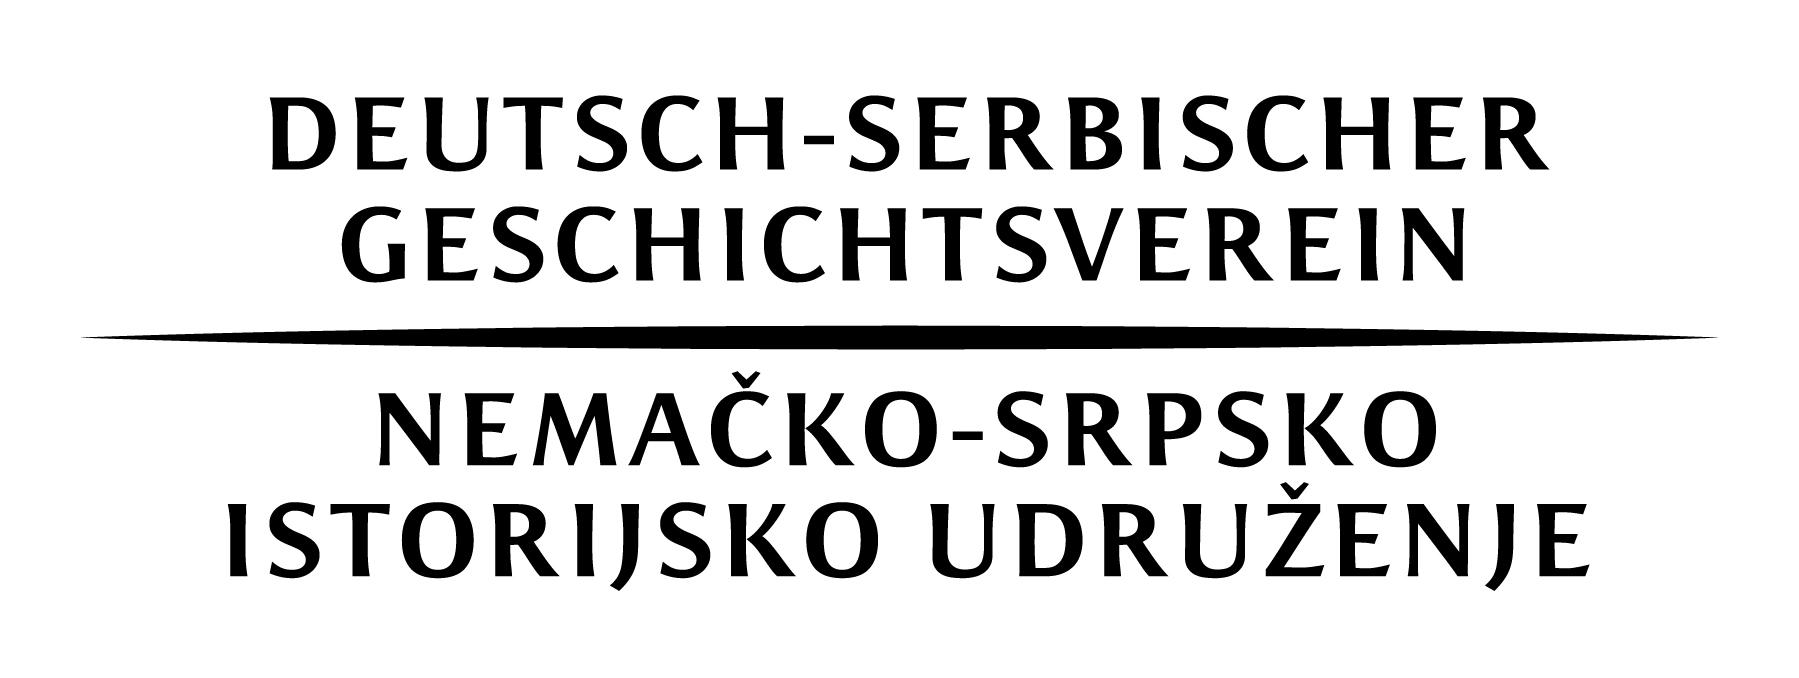 Deutsch-serbischer Geschichtsverein | Nemačko-srpsko istorijsko udruženje